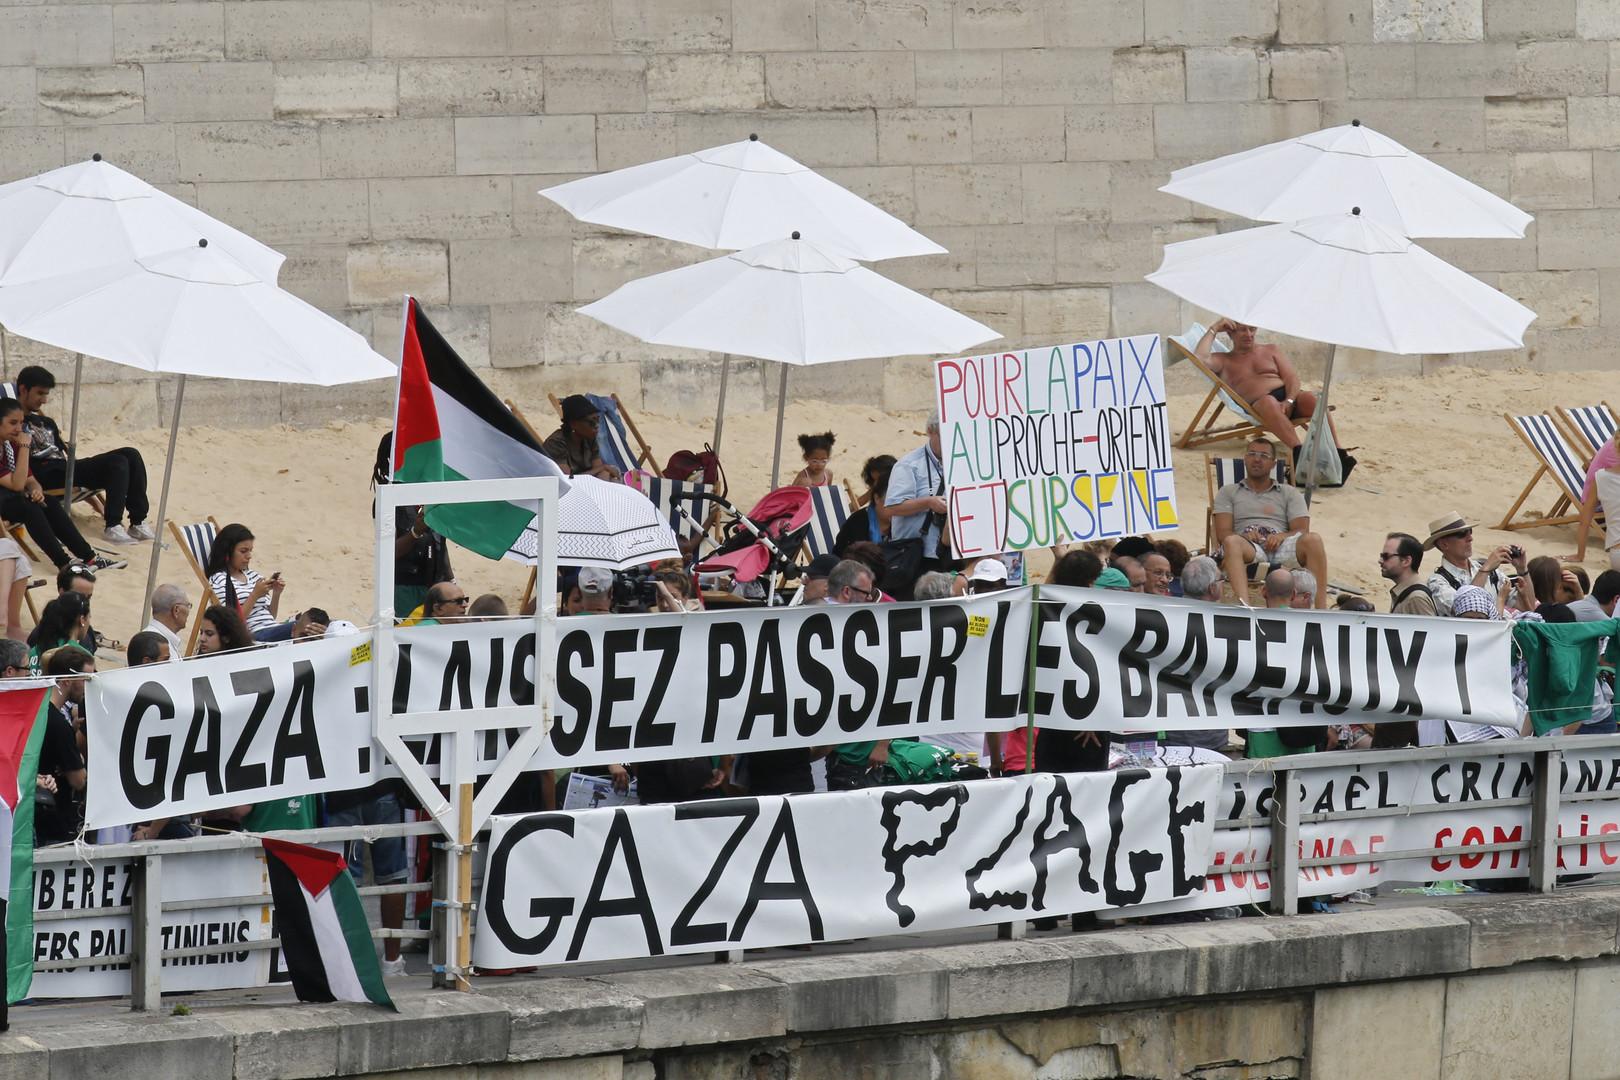 «Gaza: Laissez passer les bateaux», peut-on lire sur des pancartes des membres de l'association Euro Palestine